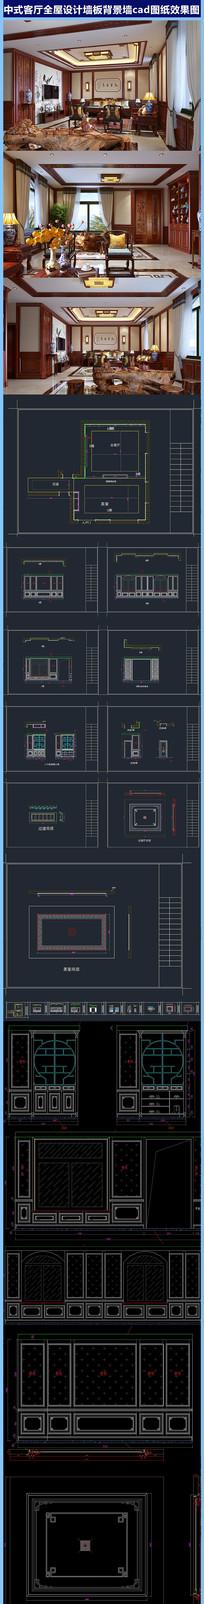 中式客厅全屋设计墙板背景cad图纸效果图